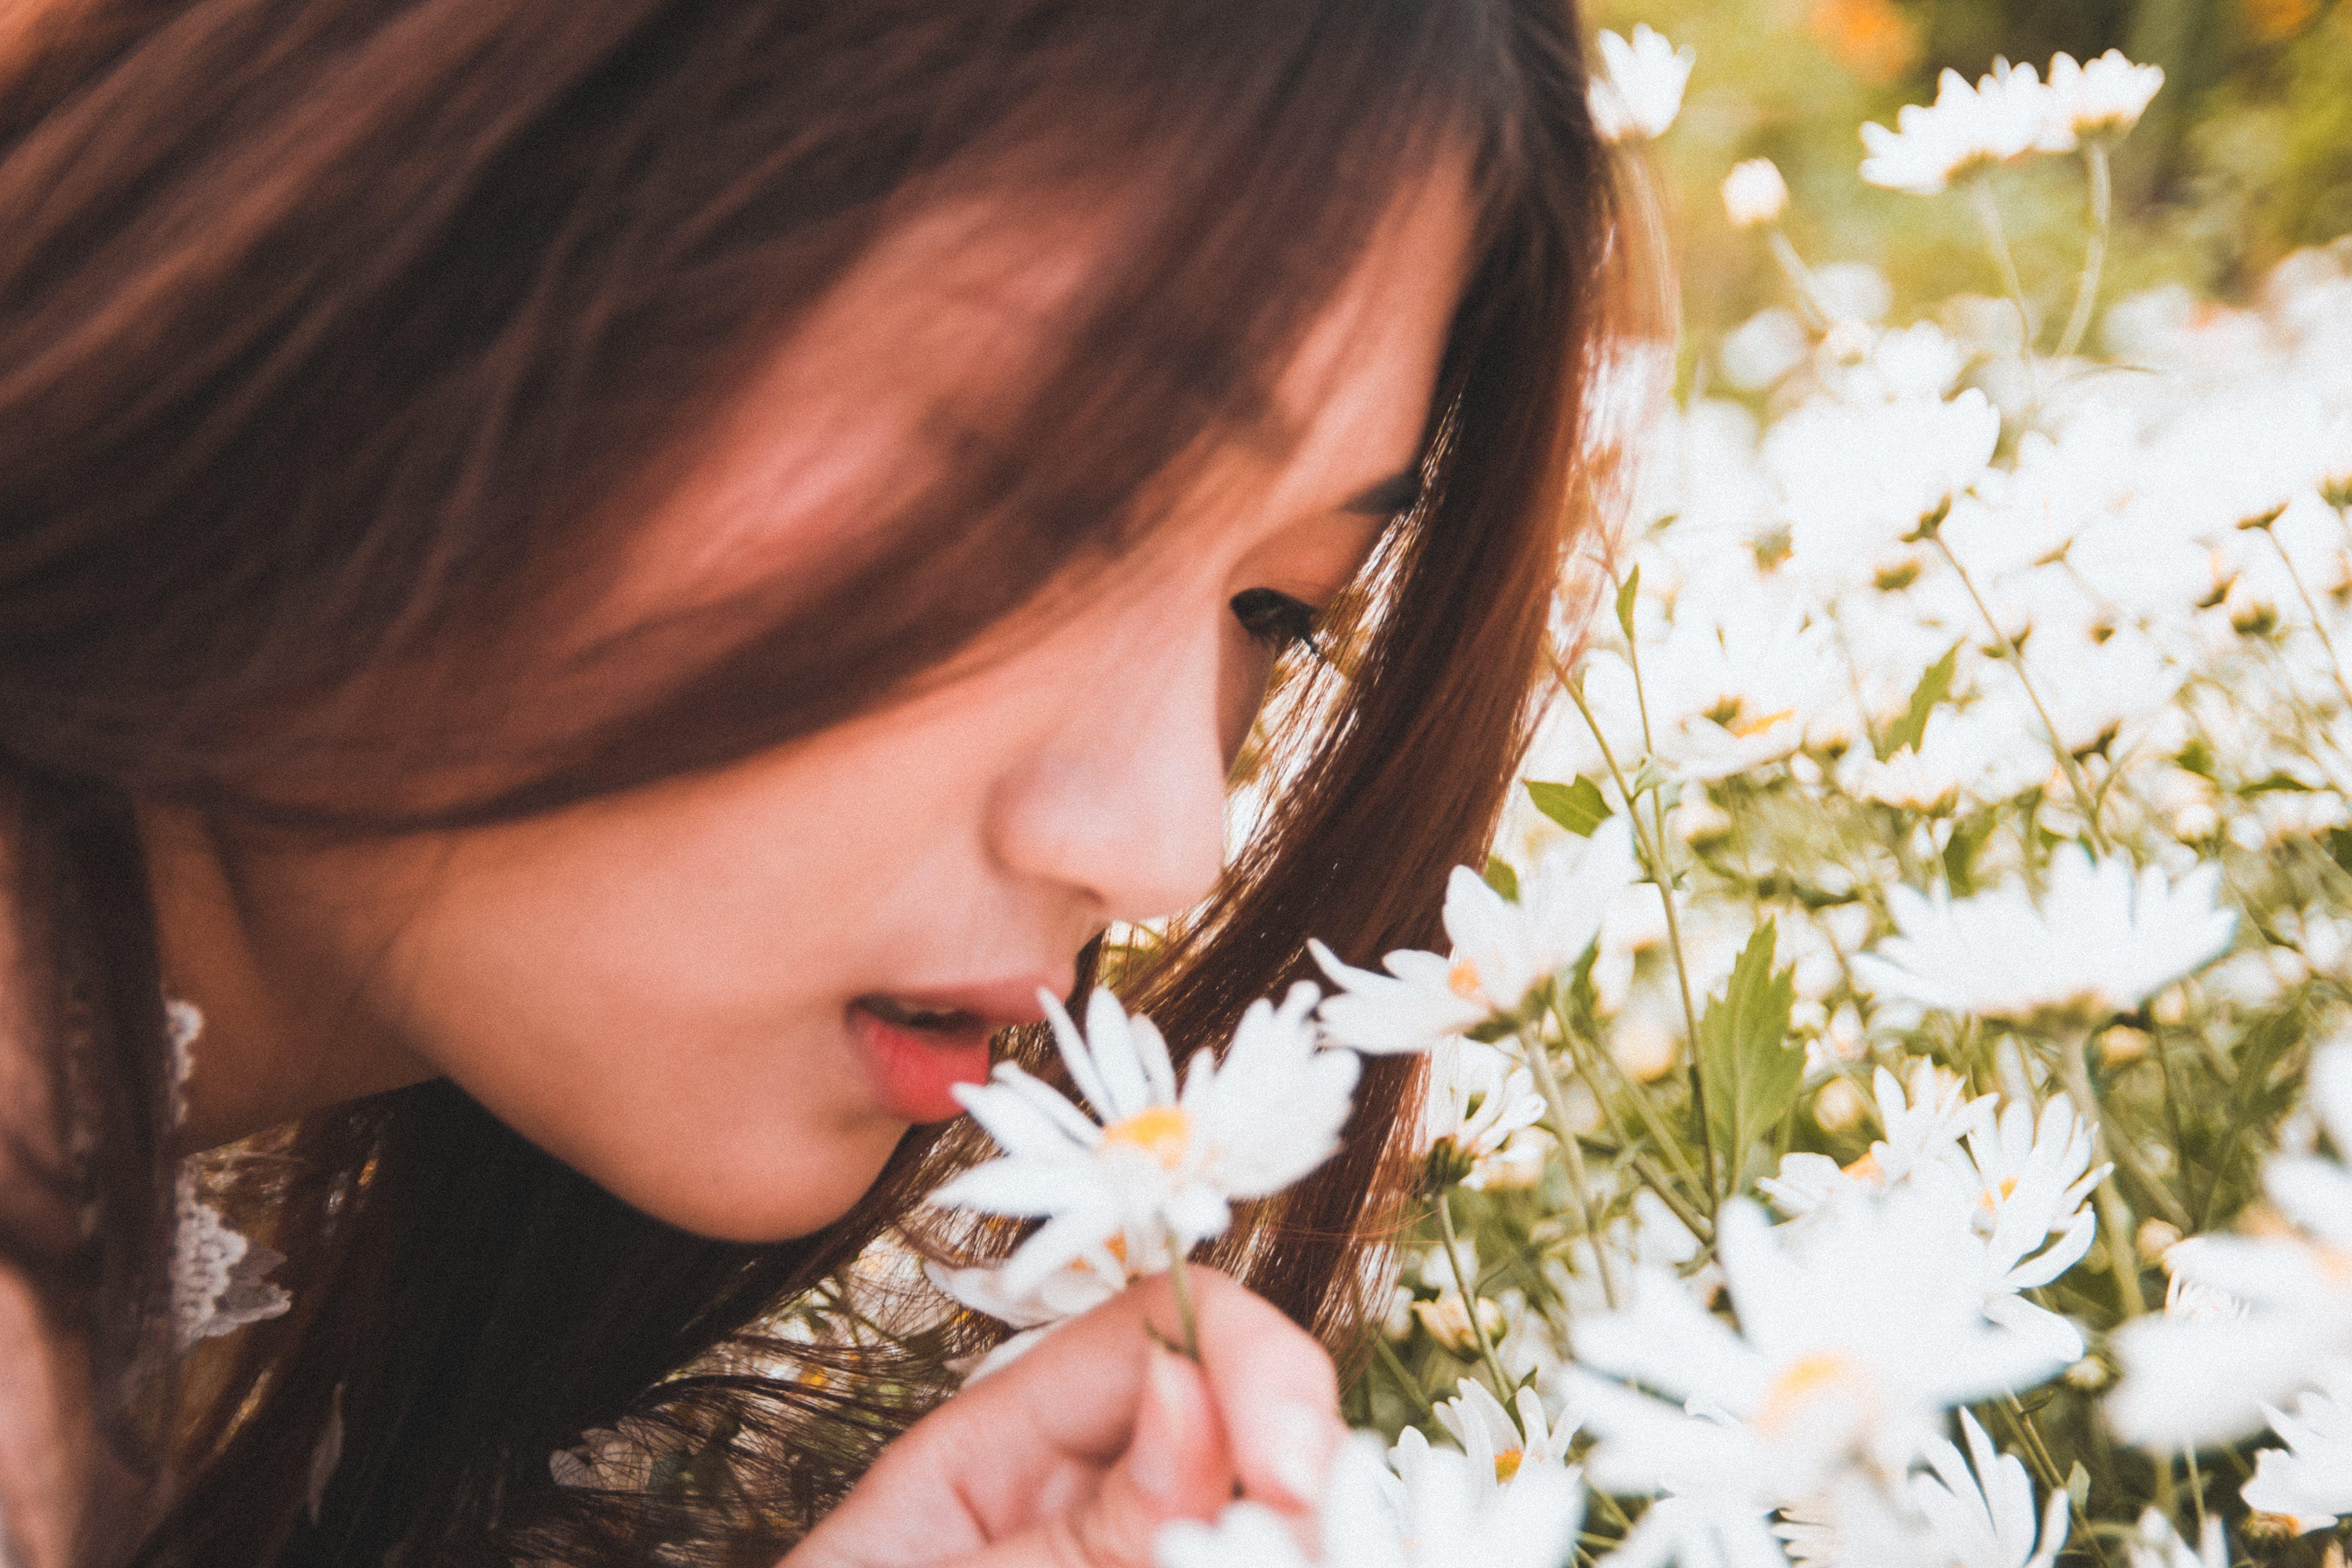 Gratis arkivbilde med asiatisk kvinne, blomster, bruke, dagslys